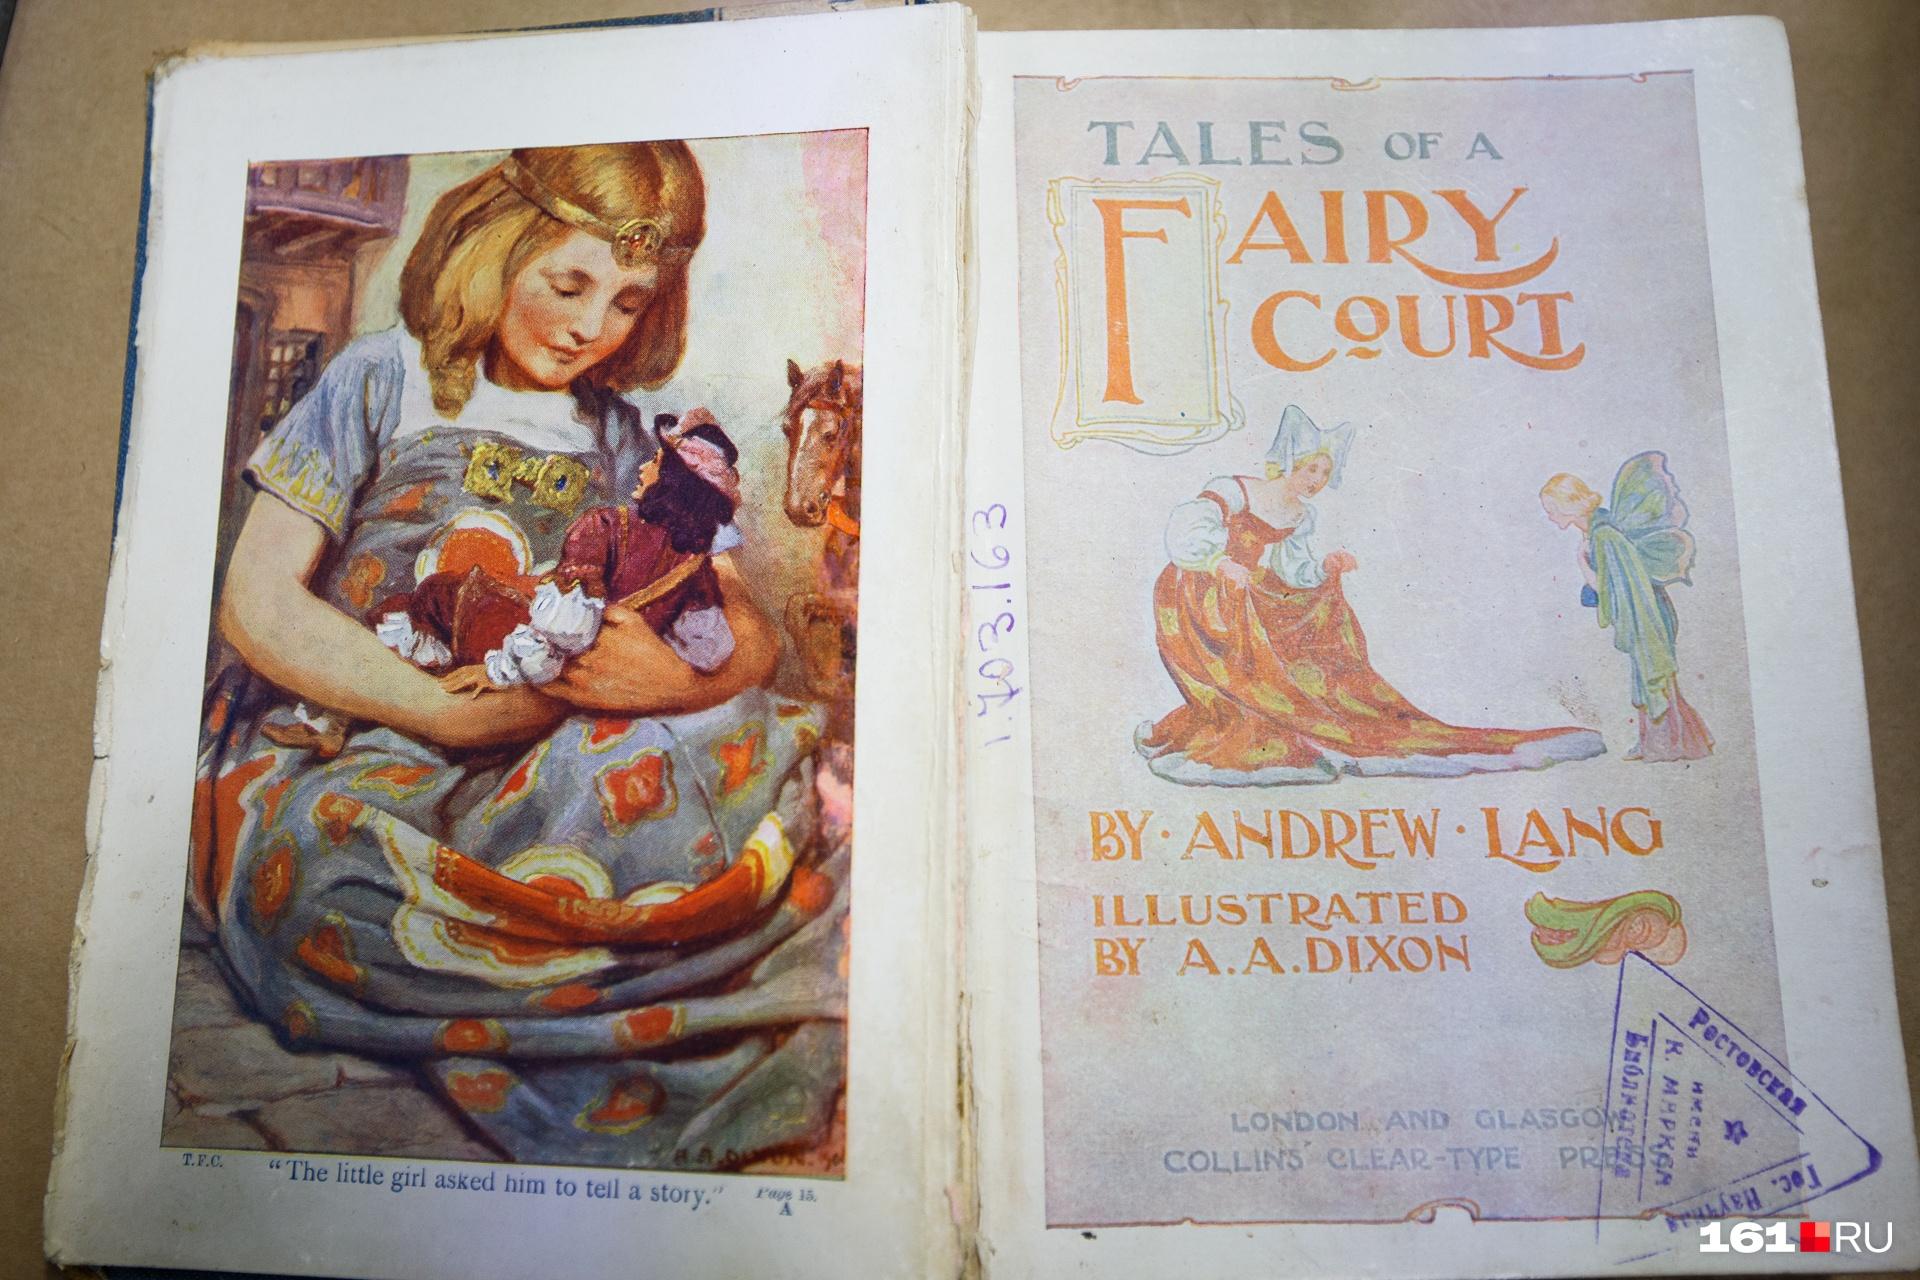 Иностранные детские журналы отличались яркими иллюстрациями. Нашим аналогам, по признанию работников библиотеки, до них было далеко